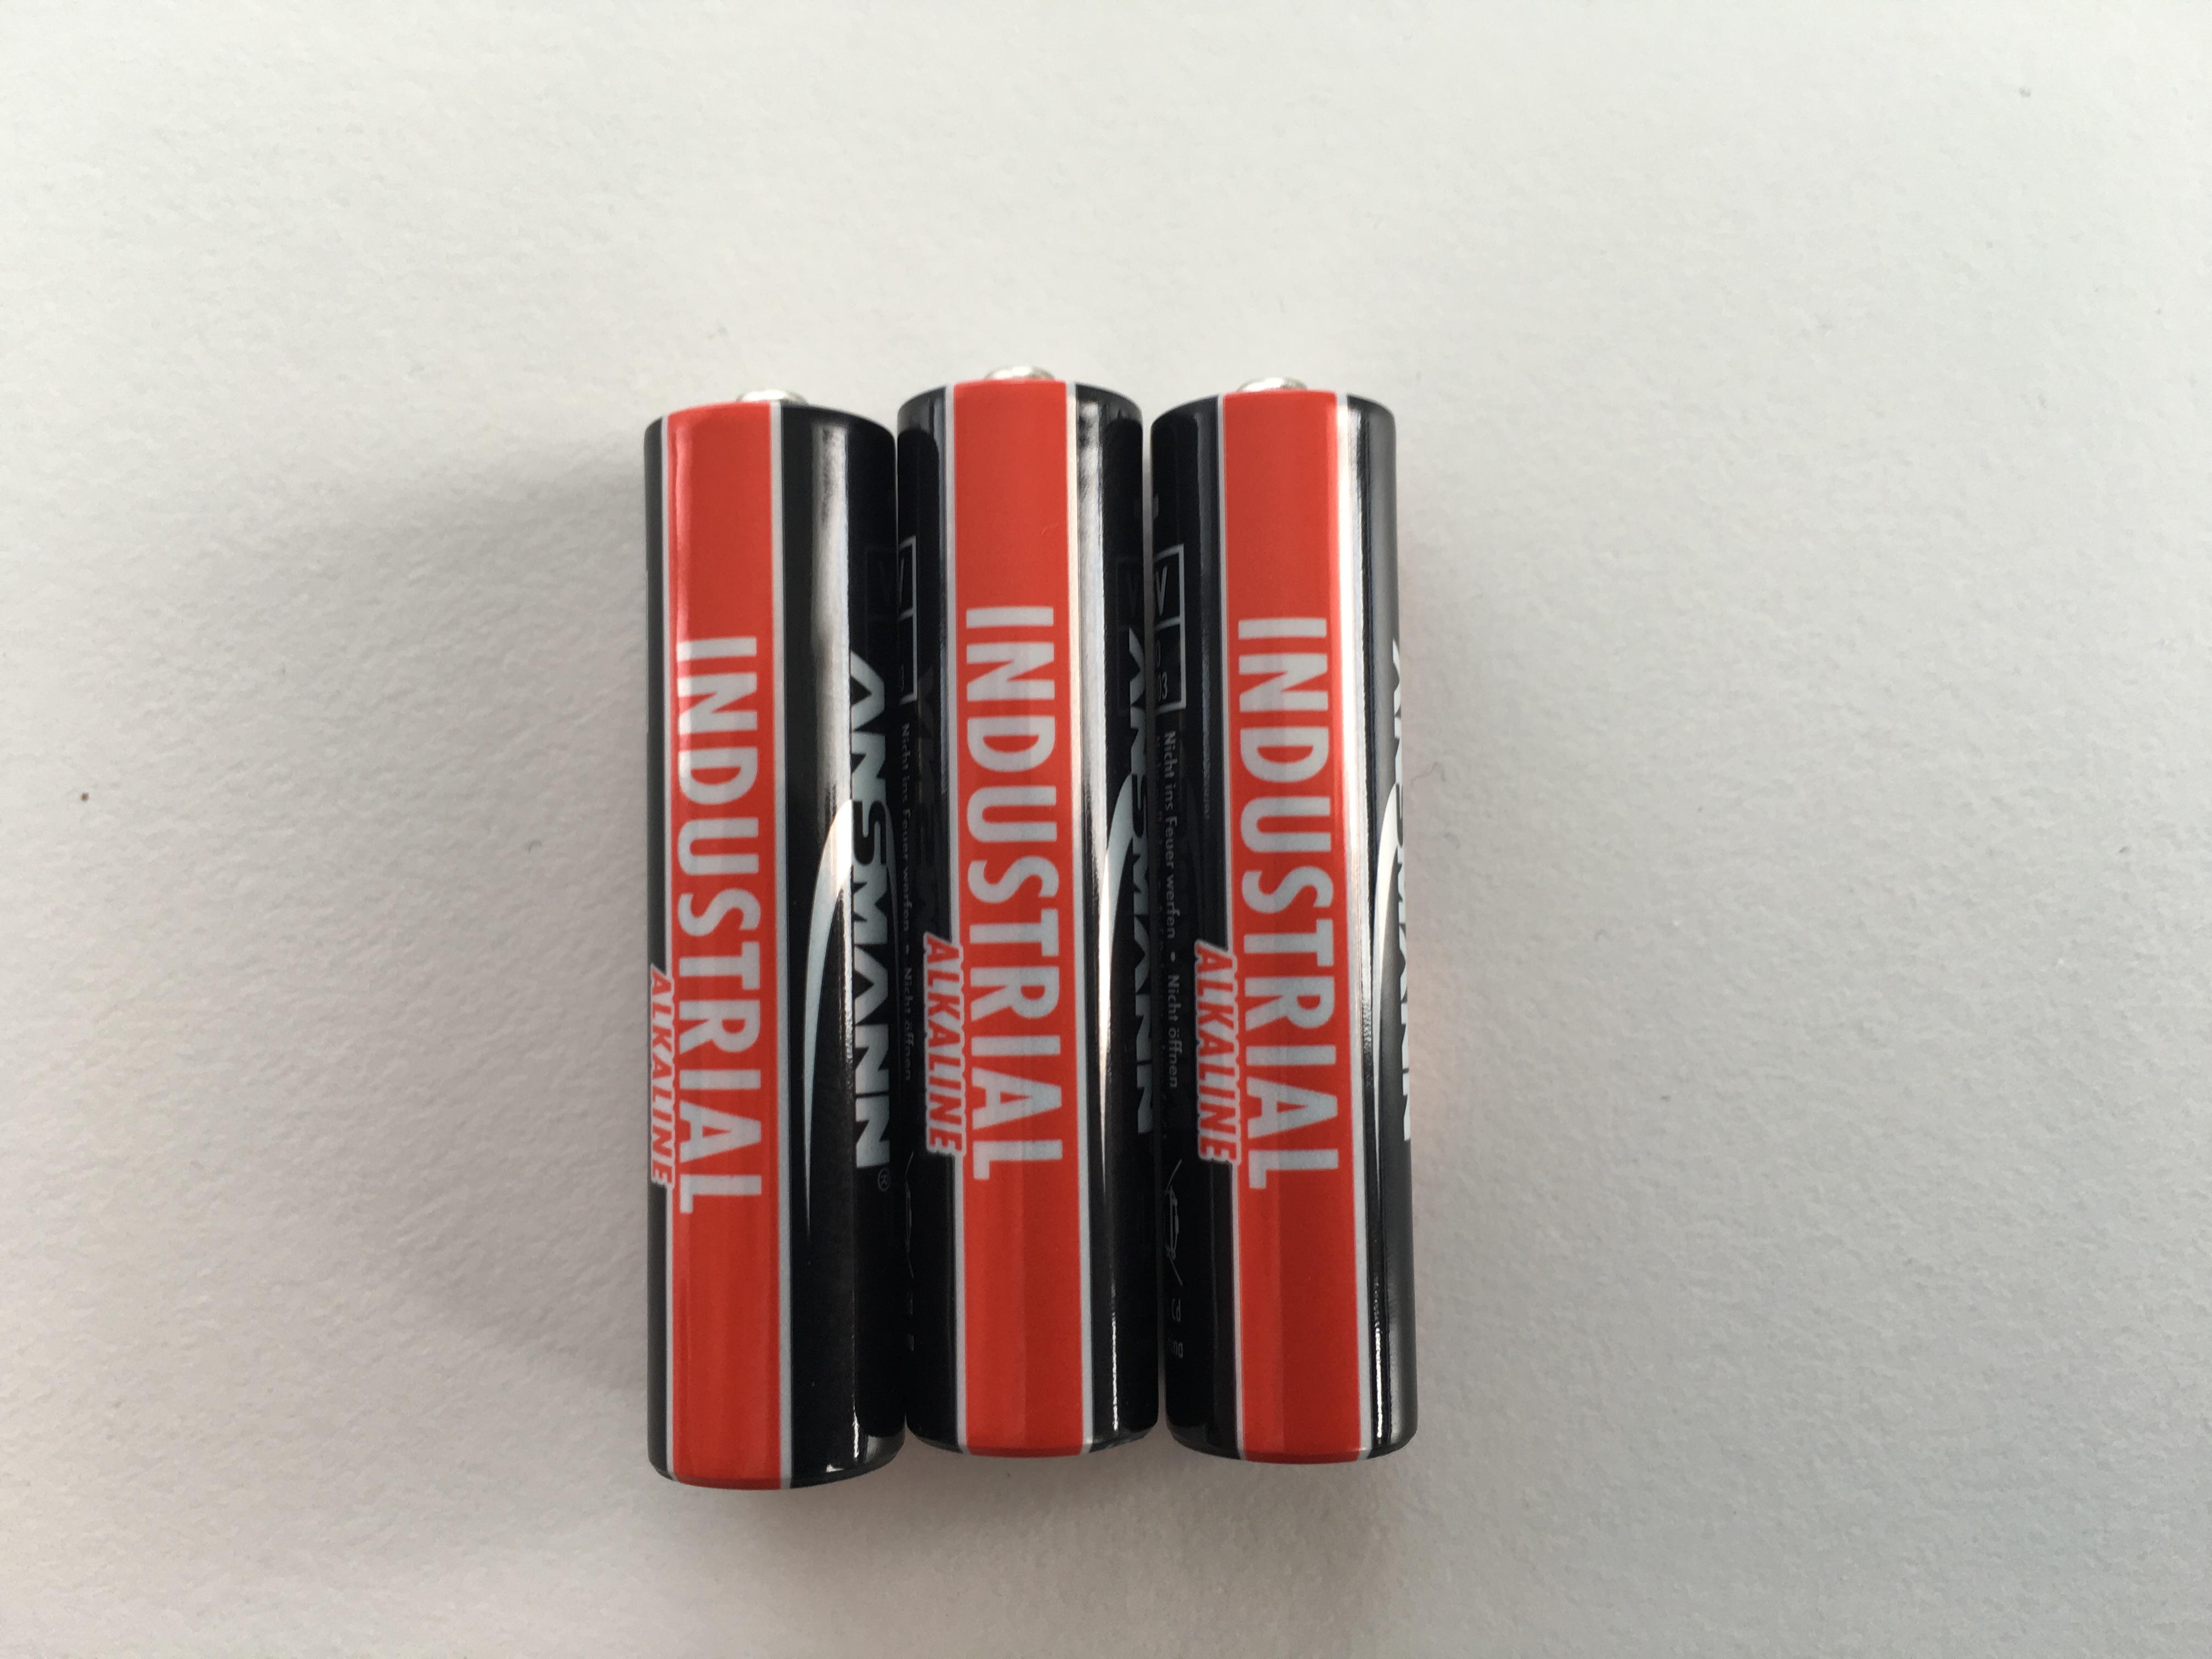 Baterie 3x AAA 1.5V alkalická (3ks alkalické baterie Ansmann)